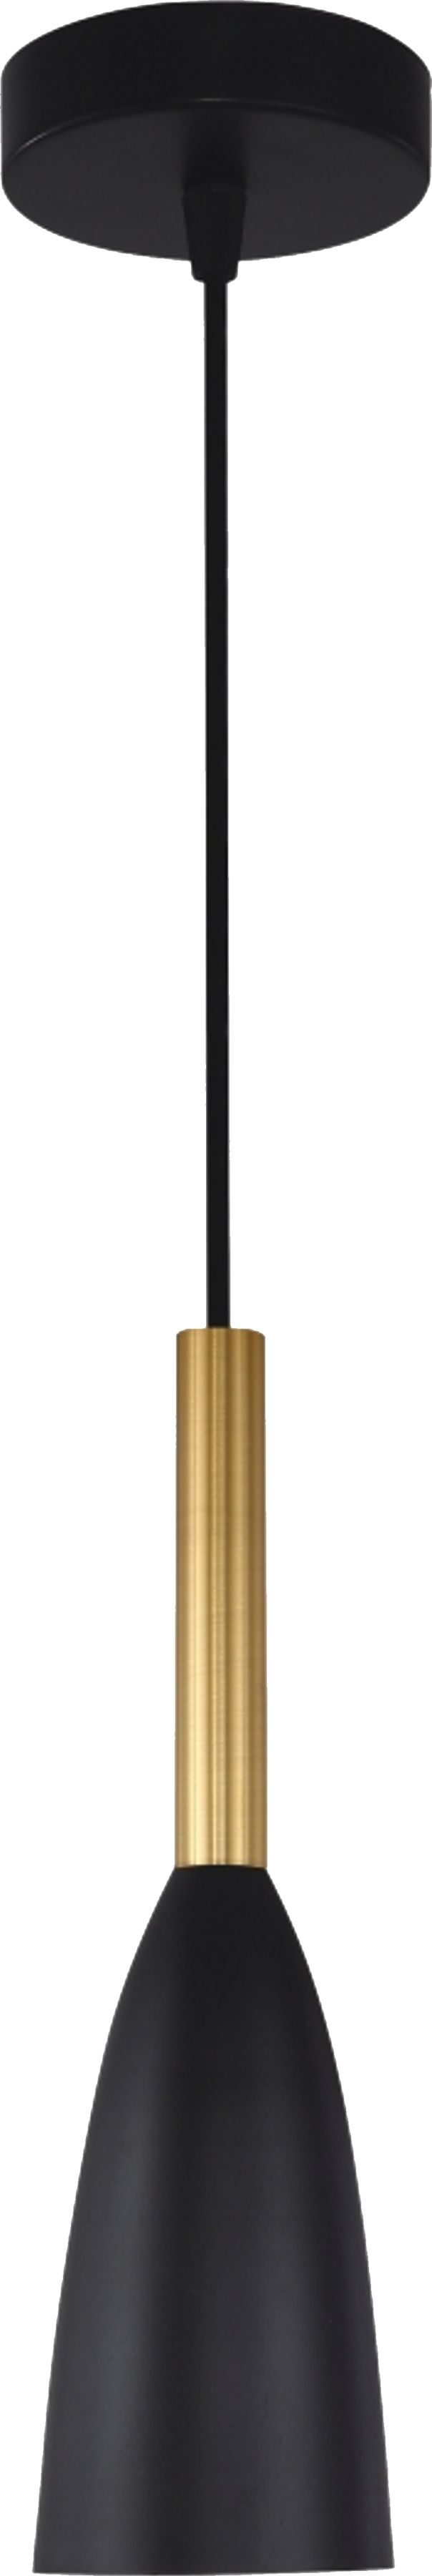 Light Prestige Solin LP-181/1P BK/GD lampa wisząca czarno/złota metalowa 1x60W E27 11cm